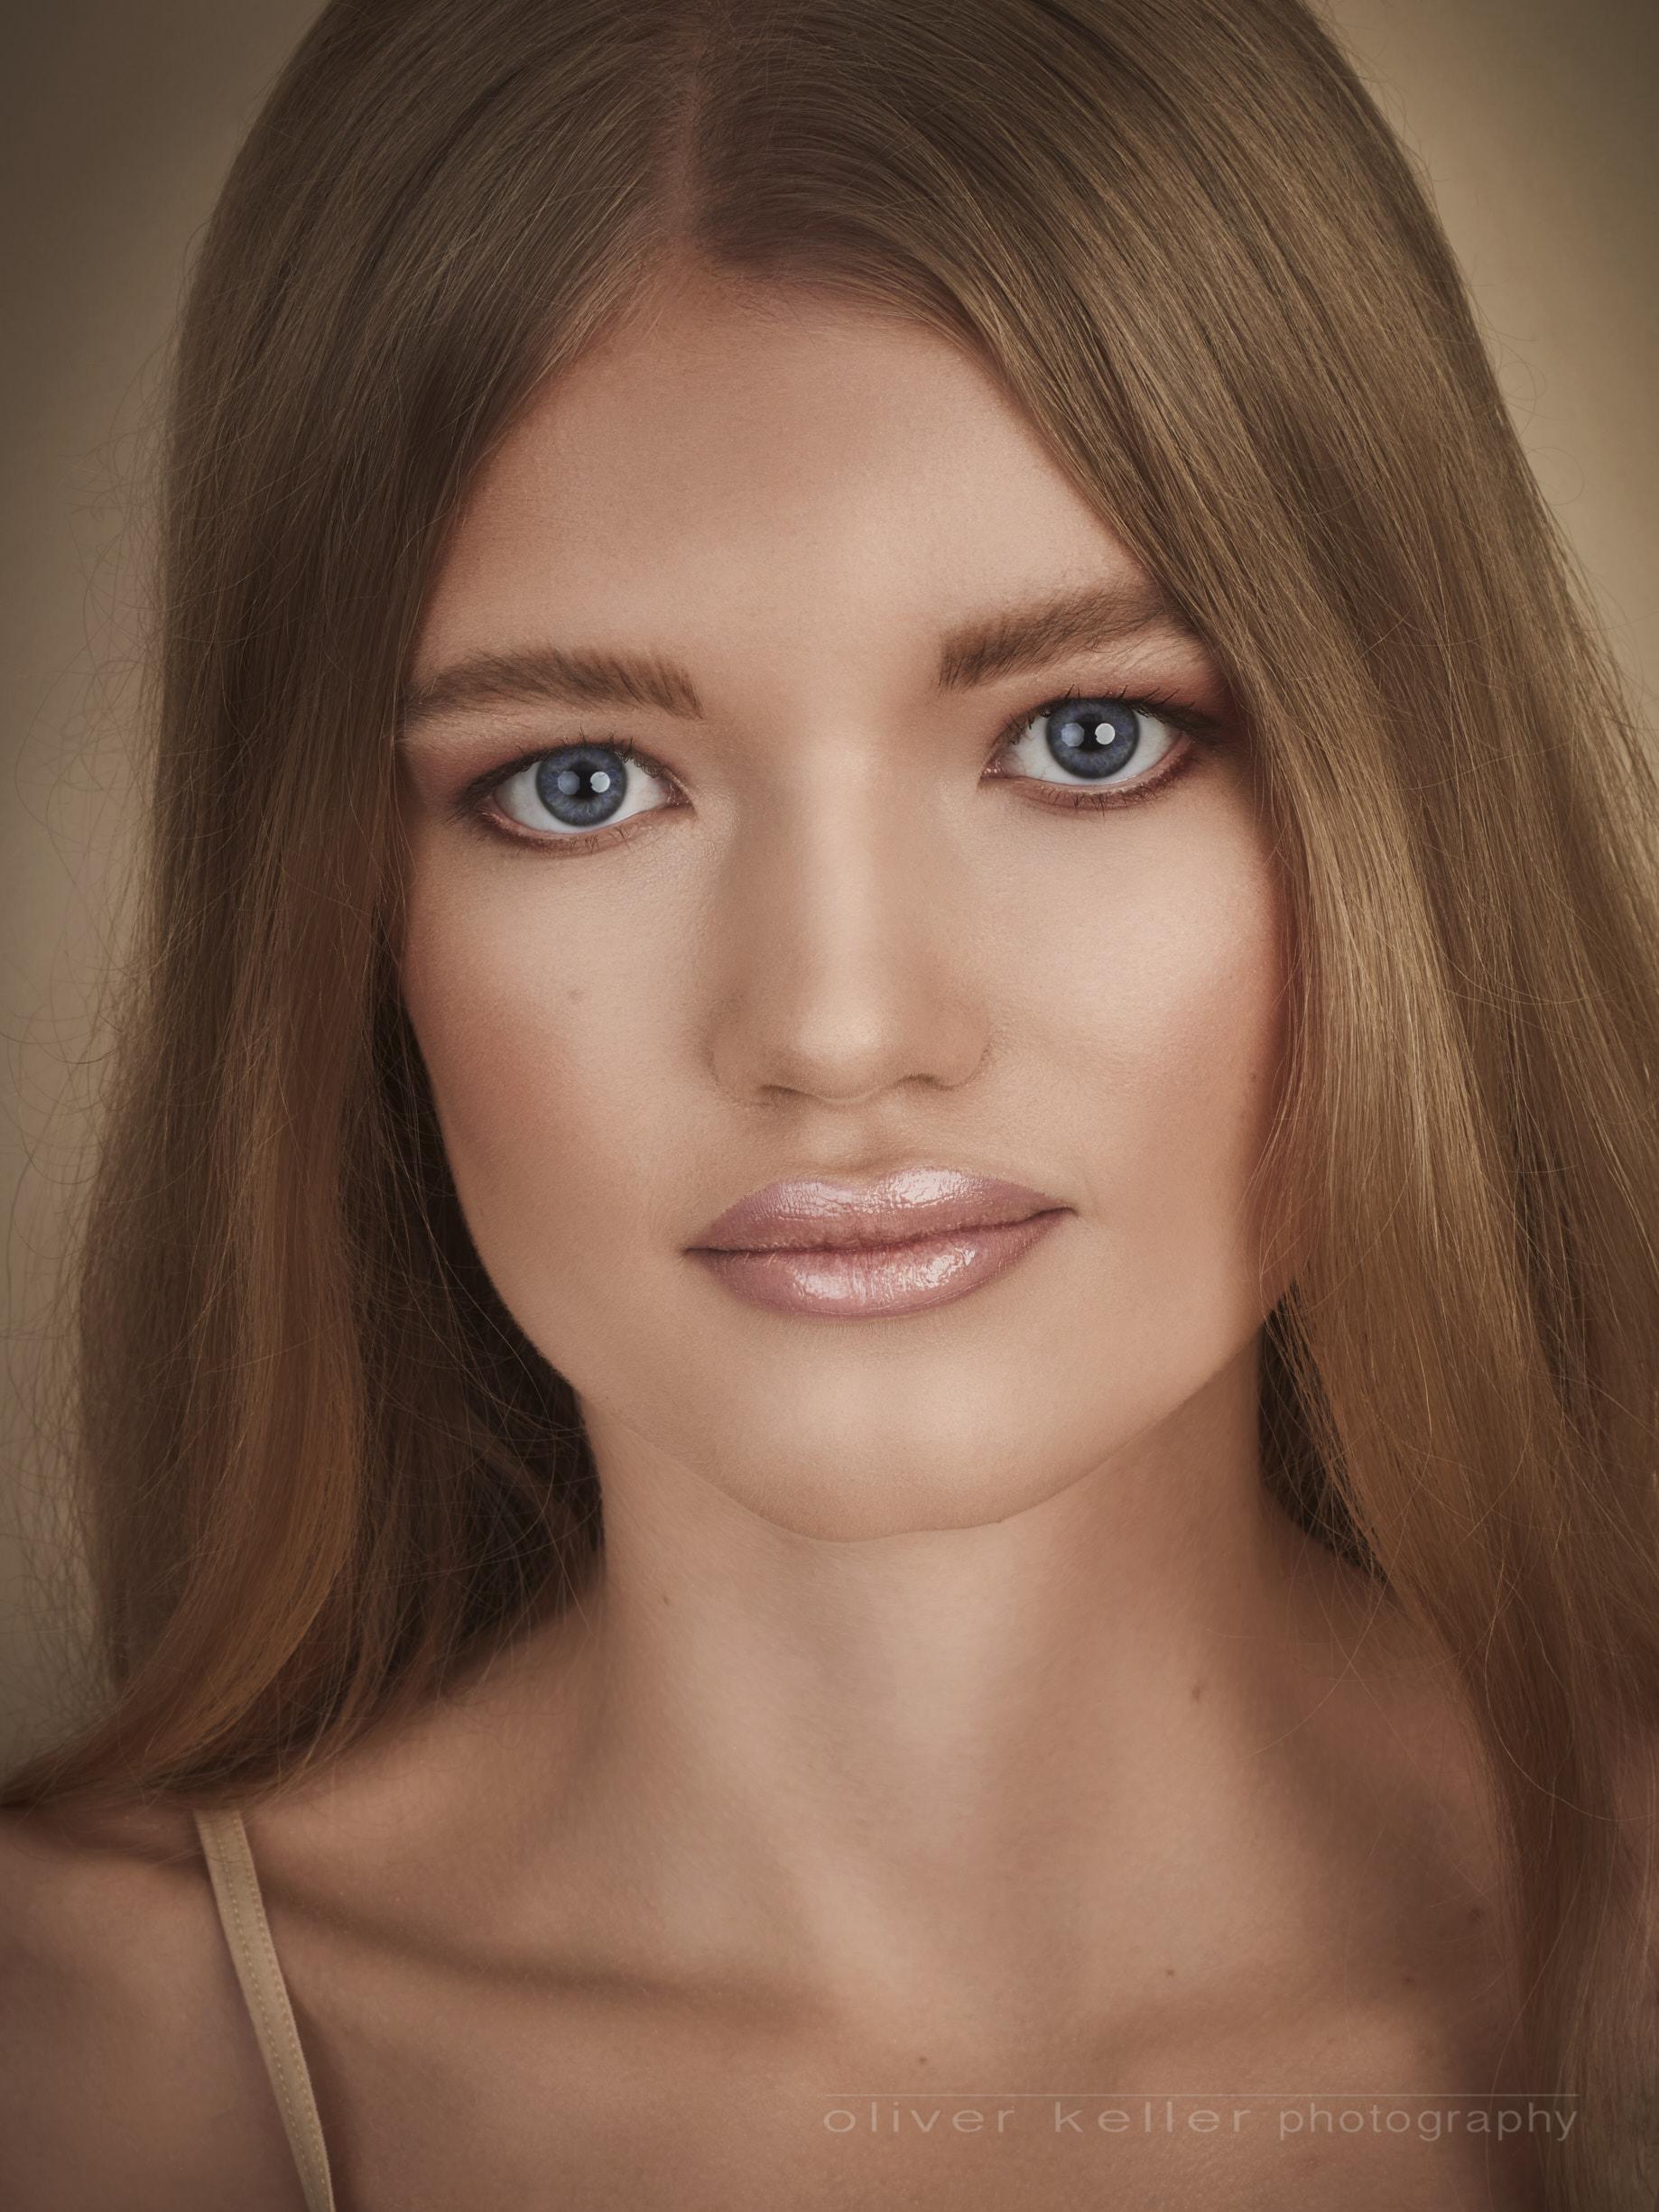 2018-10-02-Madelaine-beauty-portrait22303.jpg